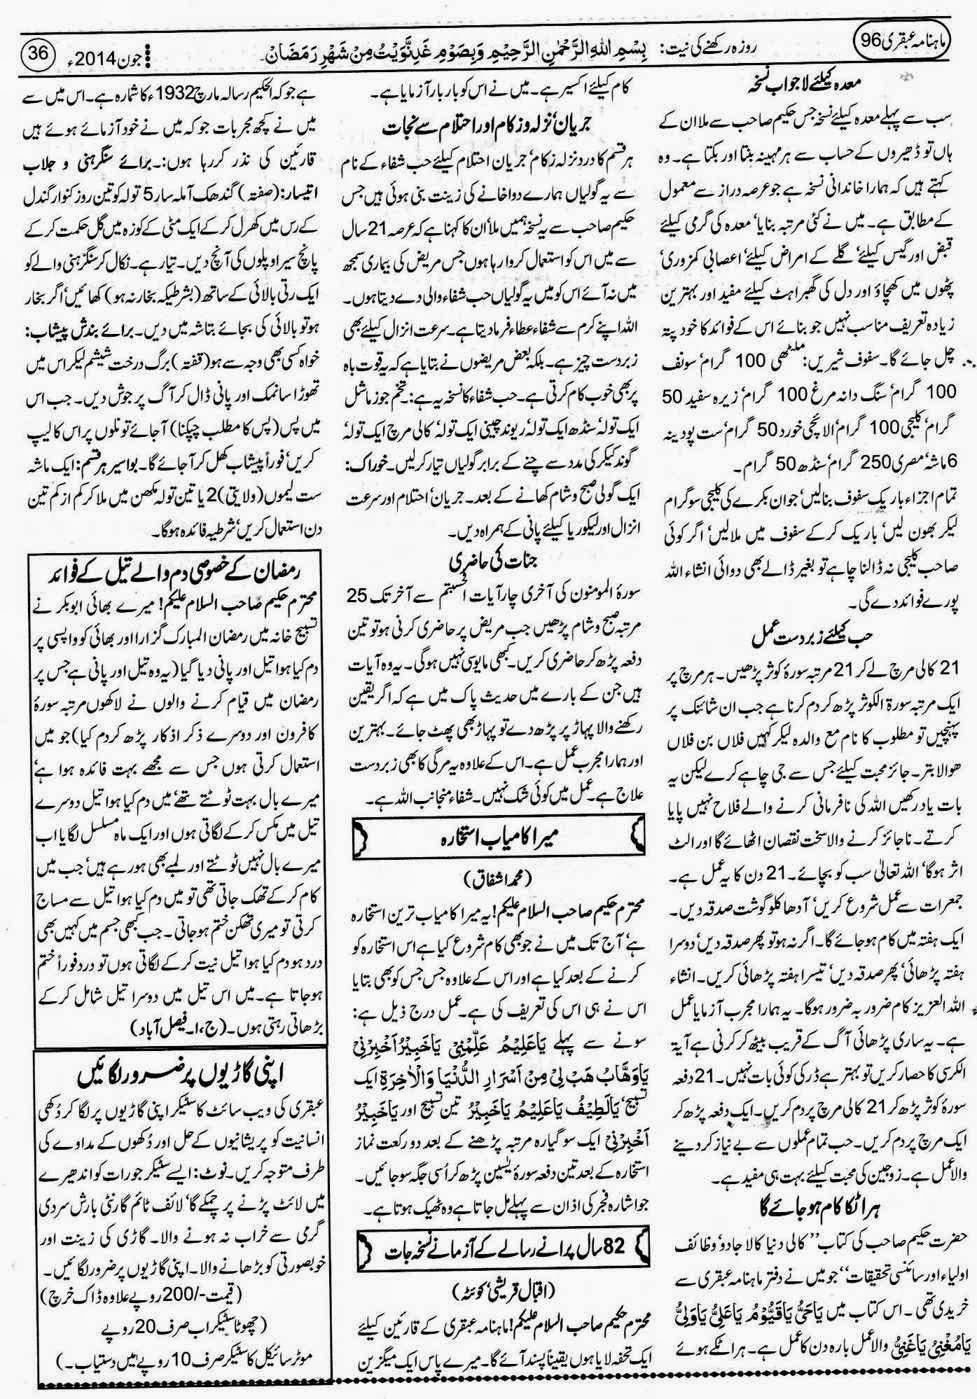 ubqari june 2014 page 36